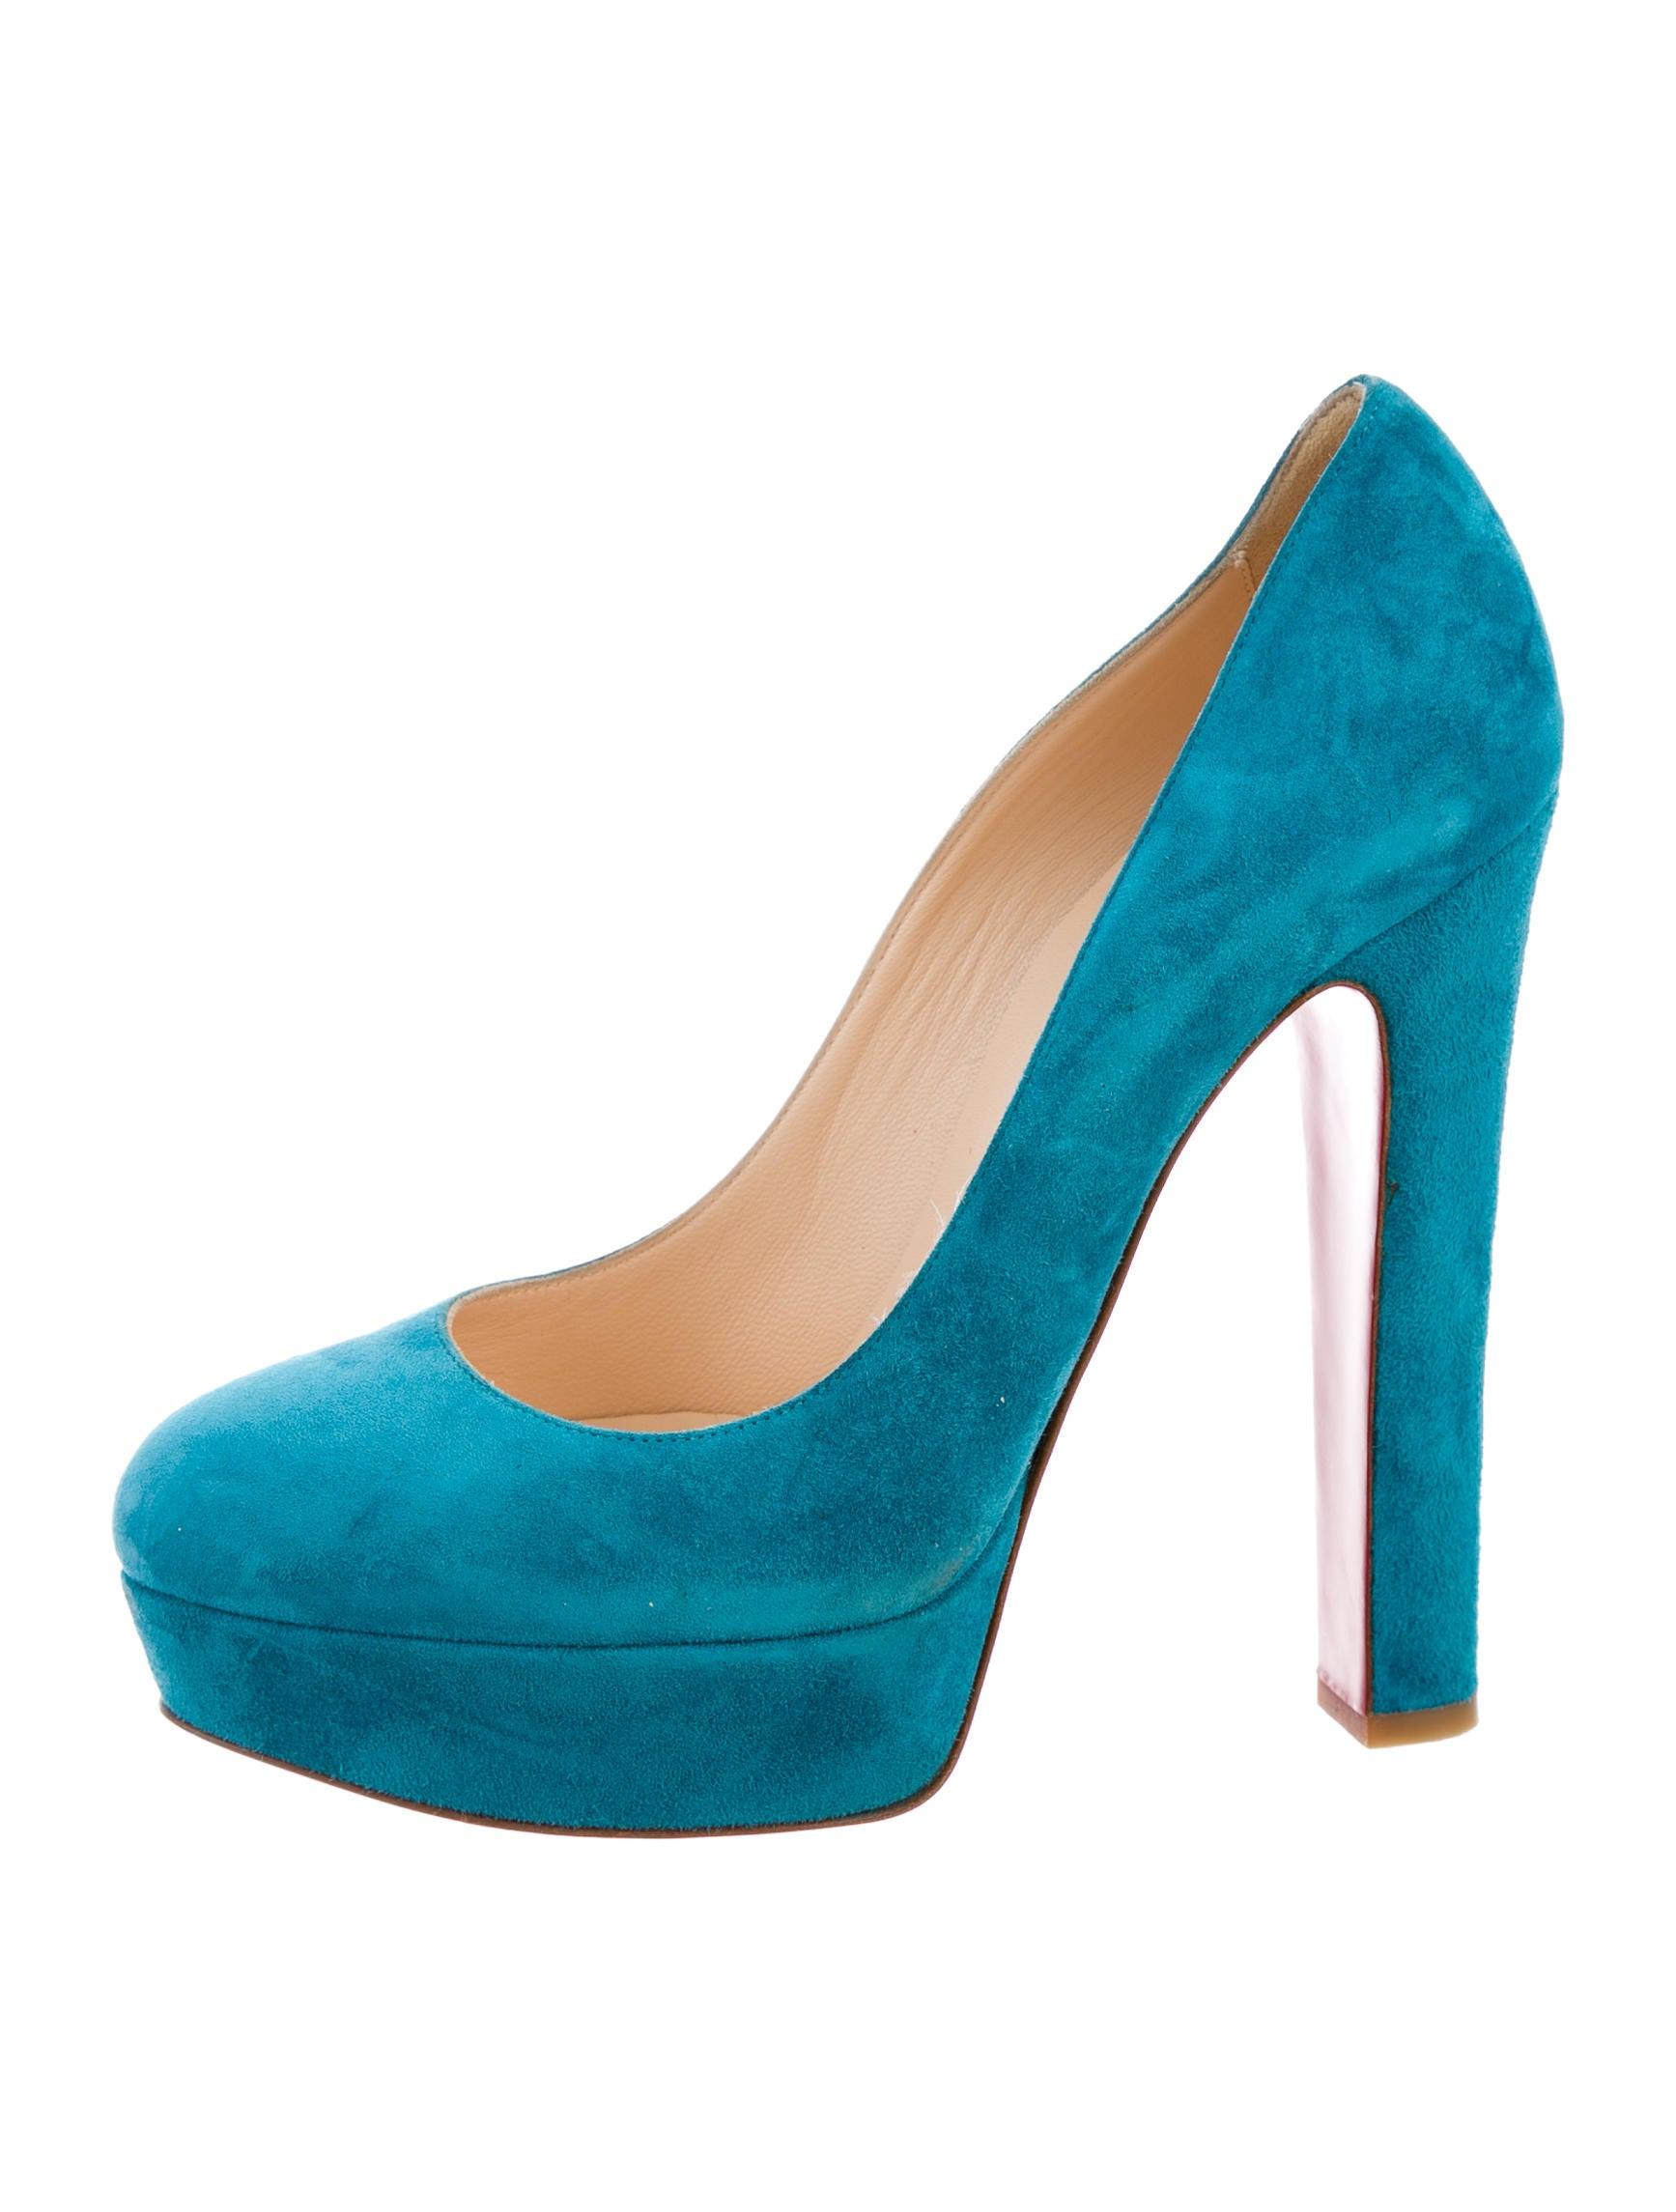 christian louboutin suede platform pumps shoes